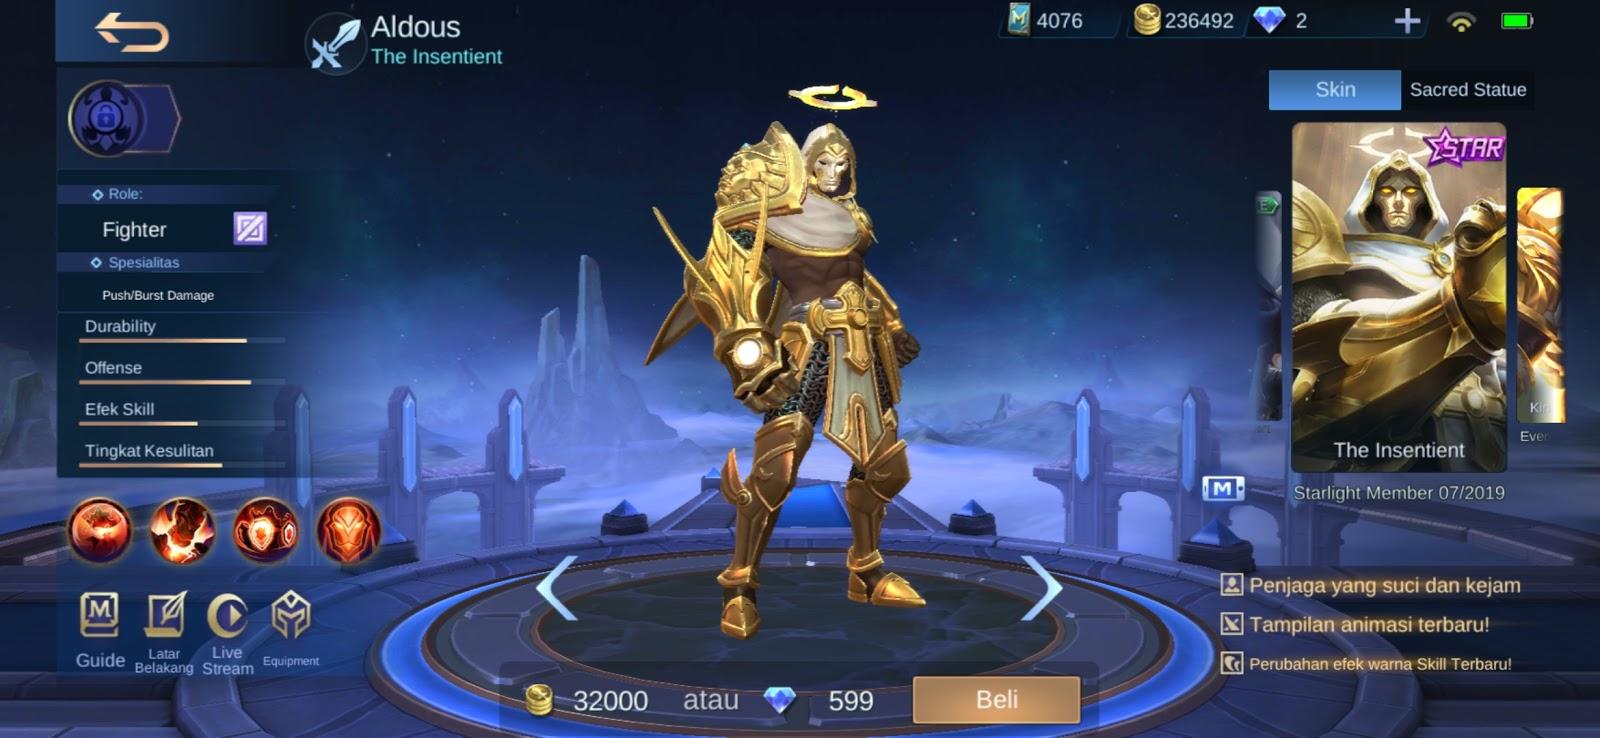 √5 Hero Fighter Terkuat Dan Tersakit Di Late Game Mobile